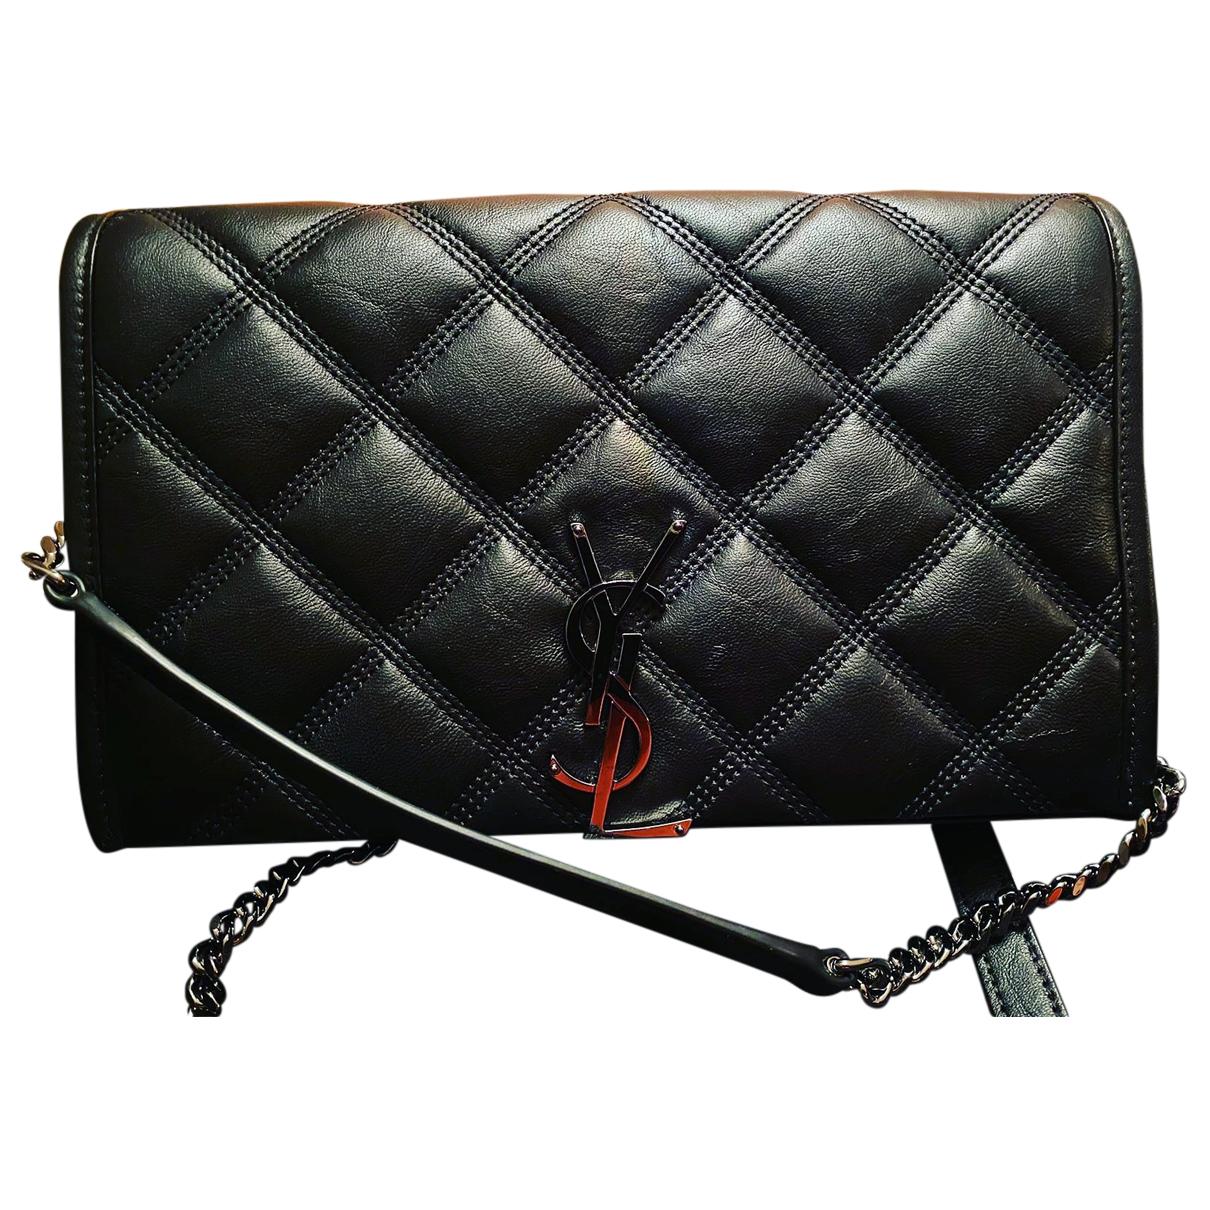 Saint Laurent N White Leather handbag for Women N